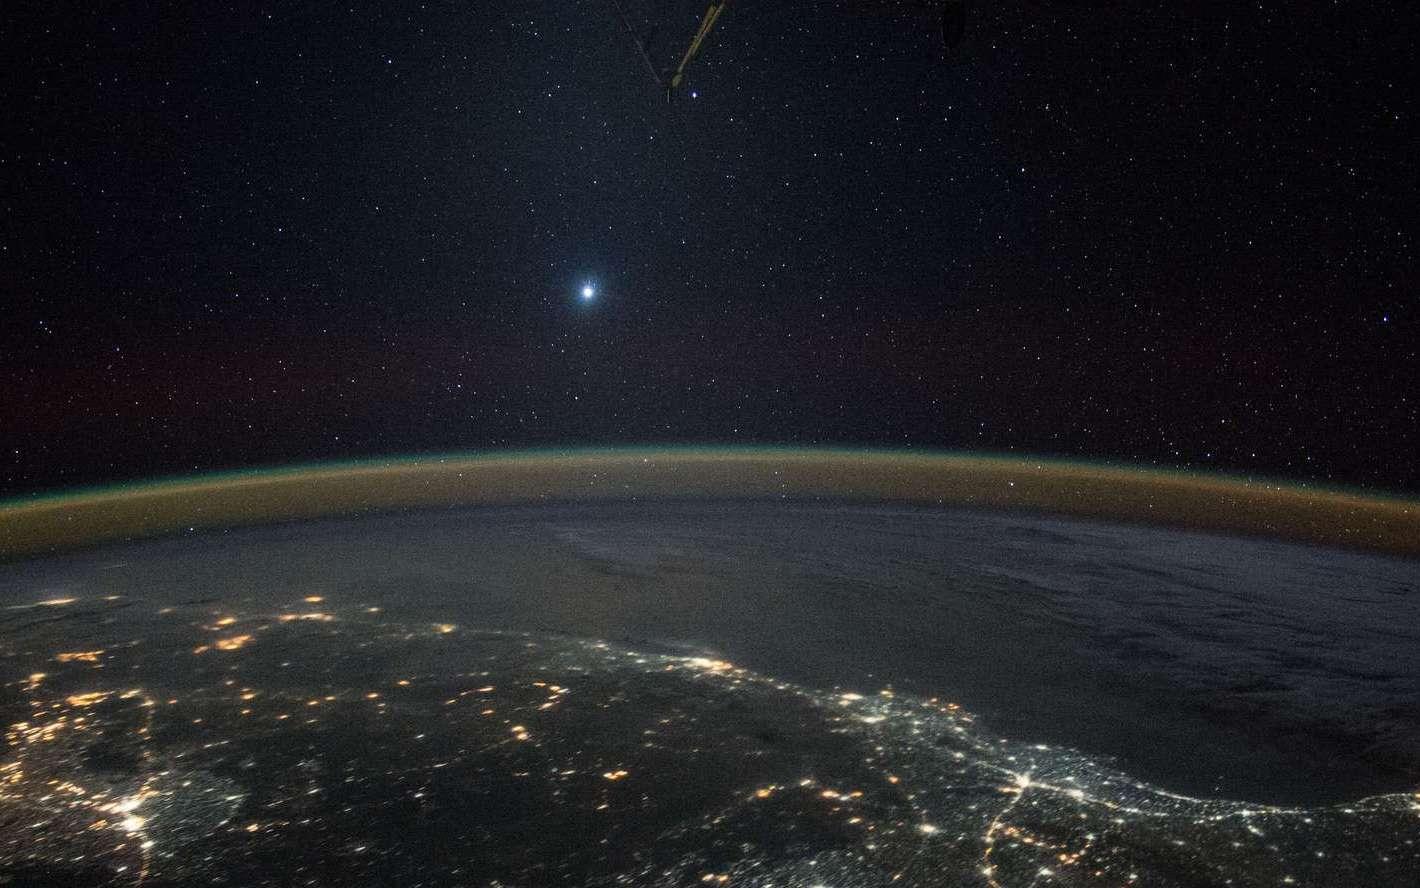 Vénus brille au-dessus de la Terre. Photo prise à bord d'ISS, le 5 décembre 2015, au-dessus de l'Inde. © Nasa